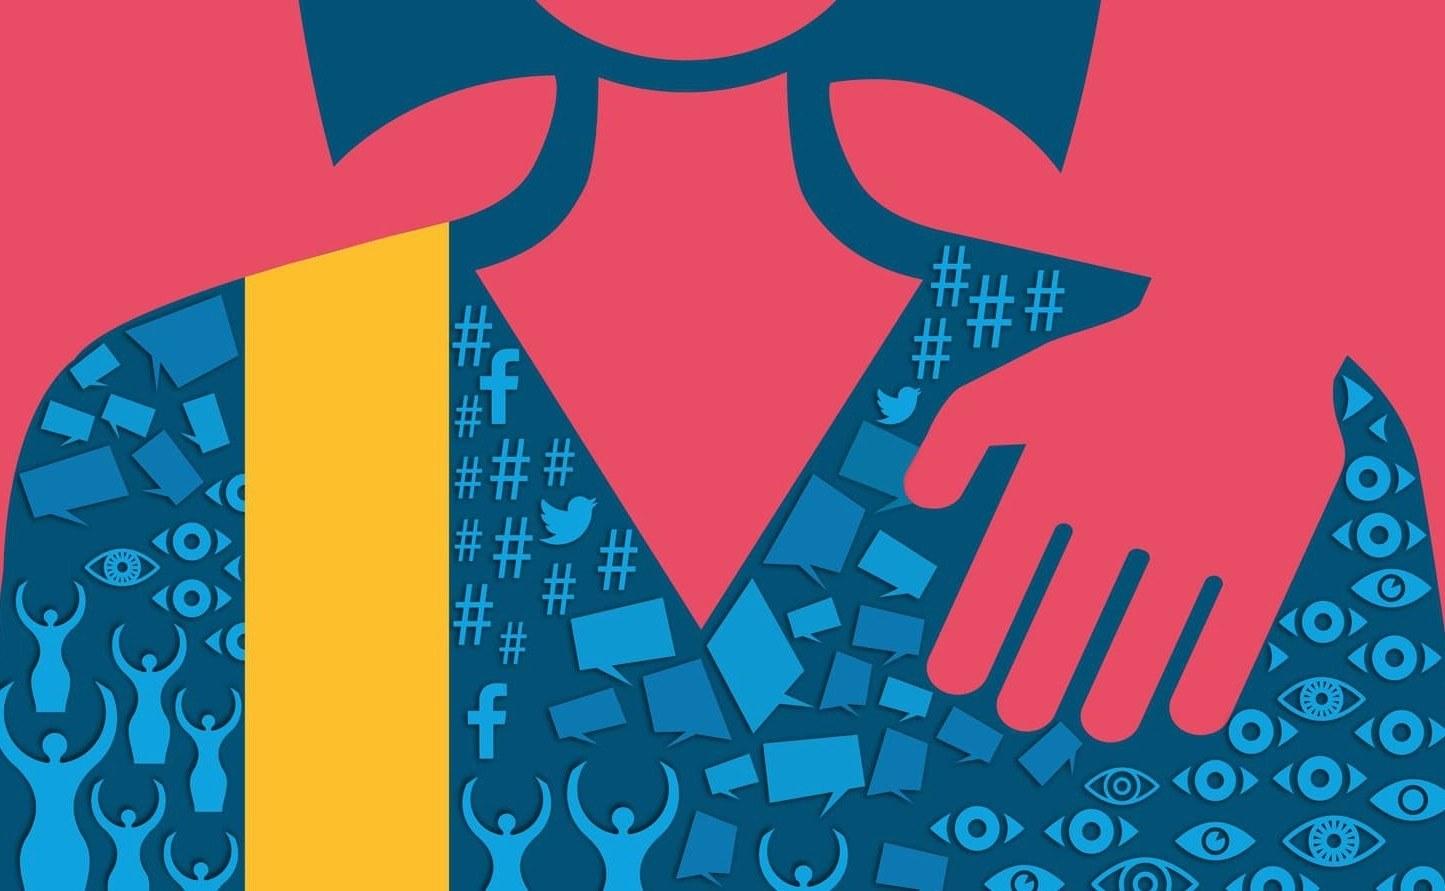 Иллюстрация — Marium Ali / Dawn.